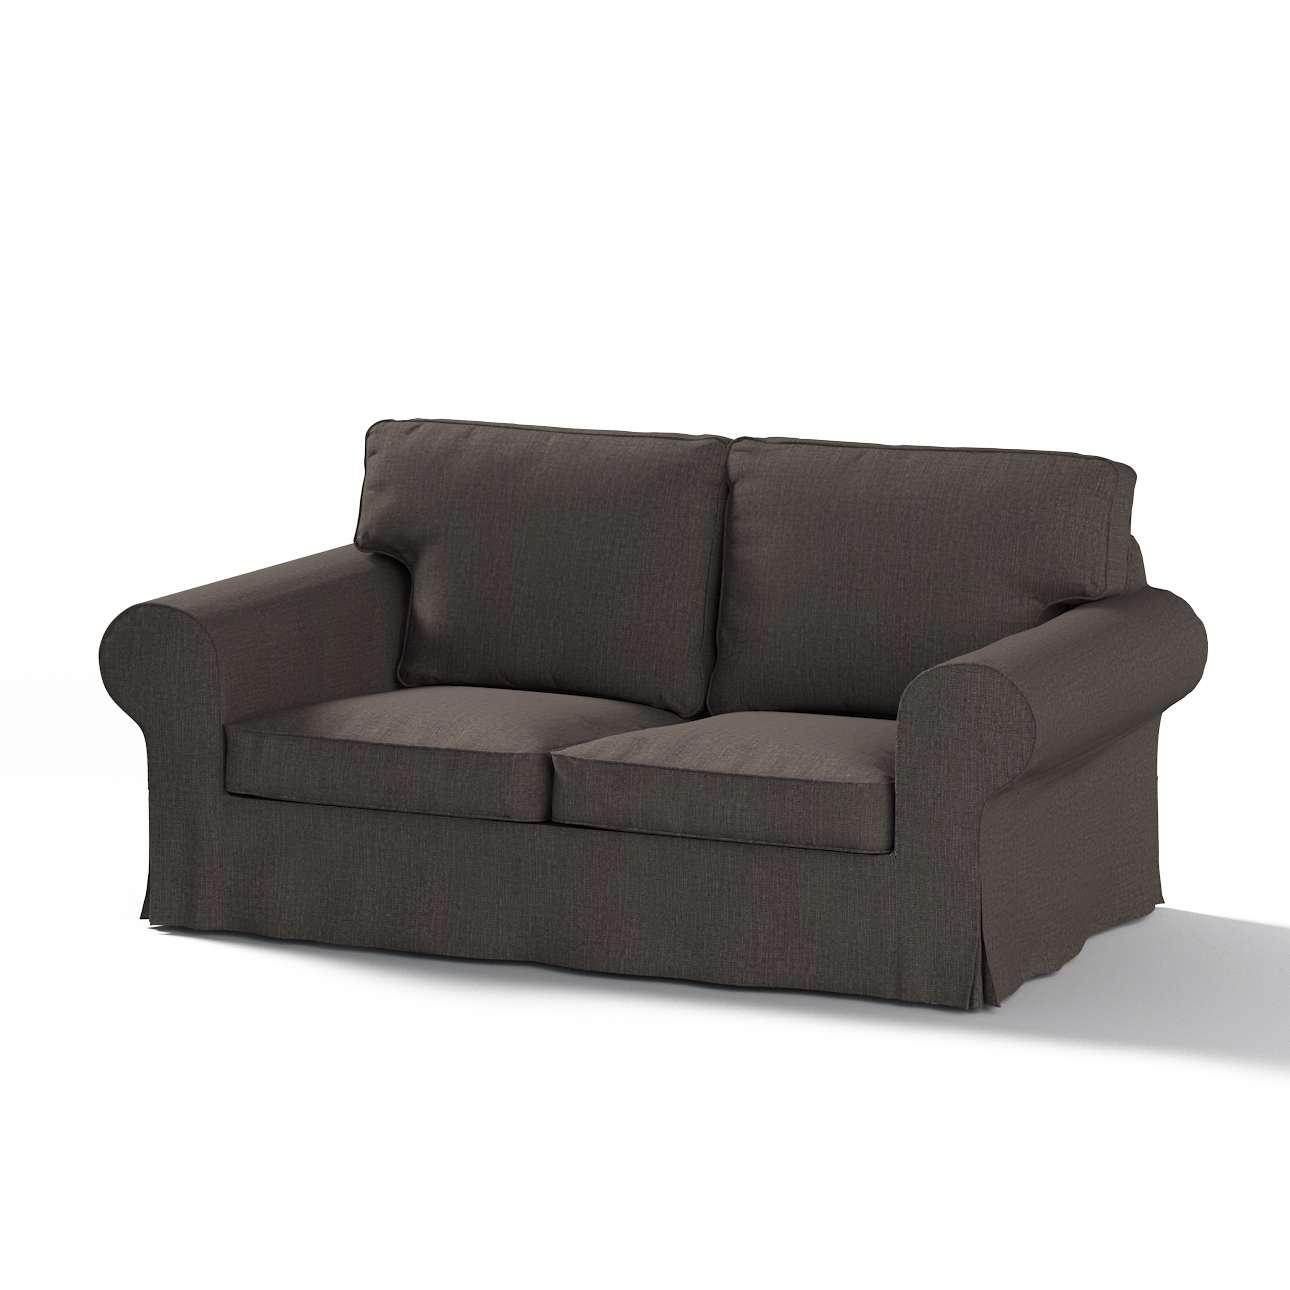 2 Zit Slaapbank.Ikea Hoes Overtrek Voor 2 Zitsslaapbank Bruin Dekoria